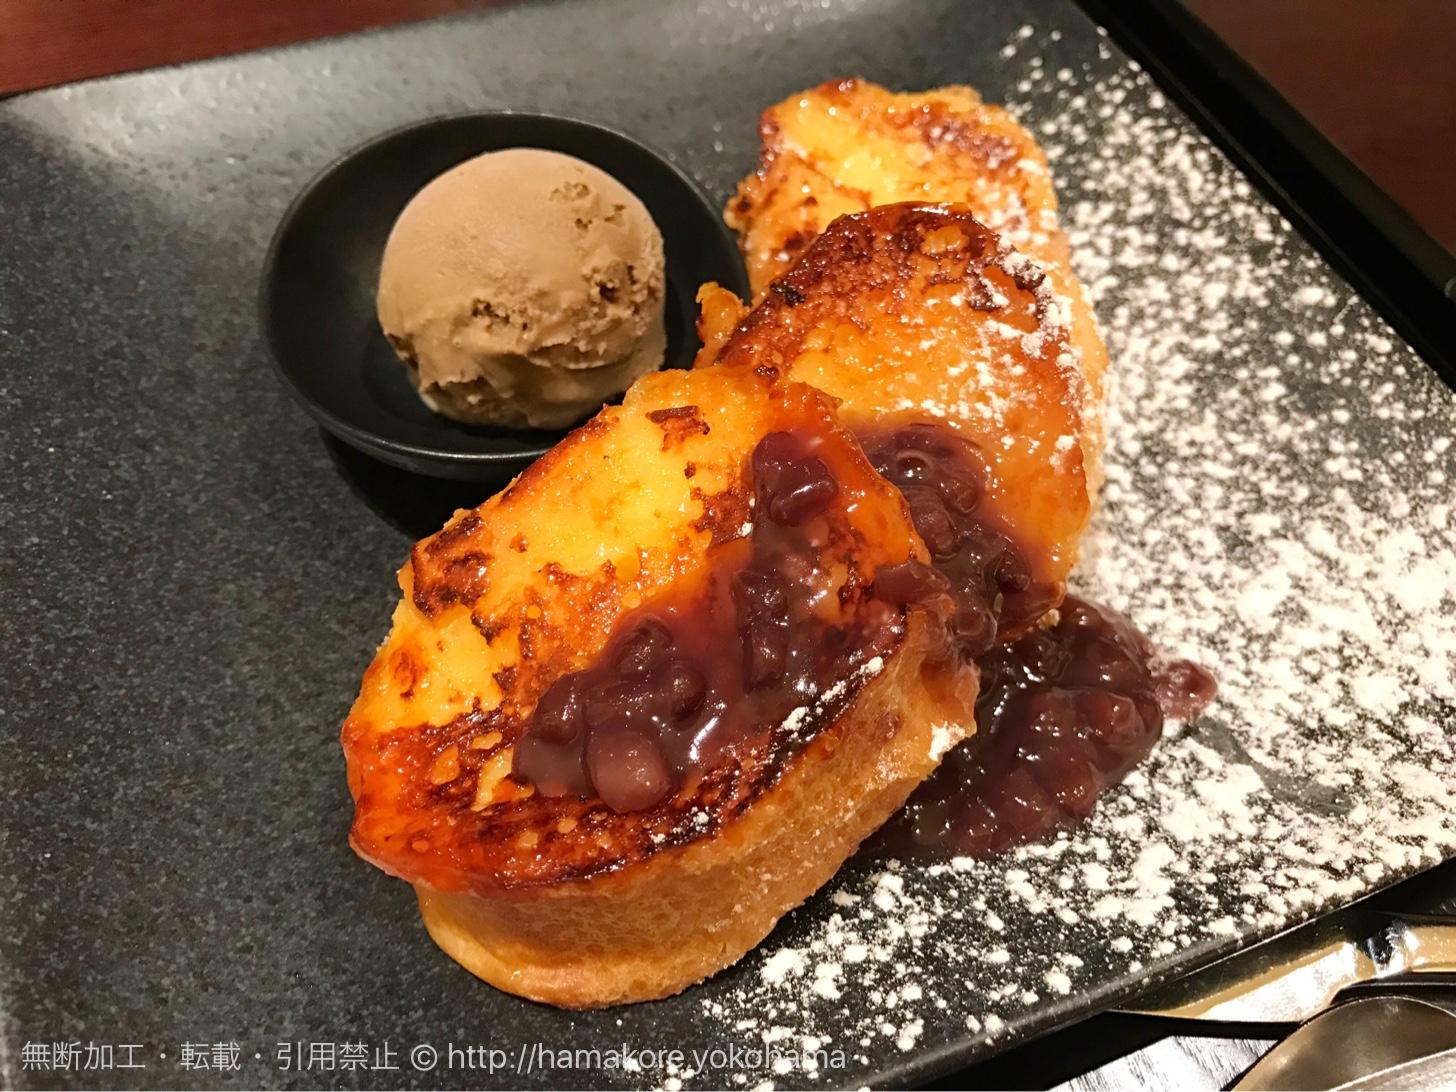 横浜駅 そごうの和カフェ「林屋茶園」のほうじ茶フレンチトーストが絶品!和の落ち着きも好き